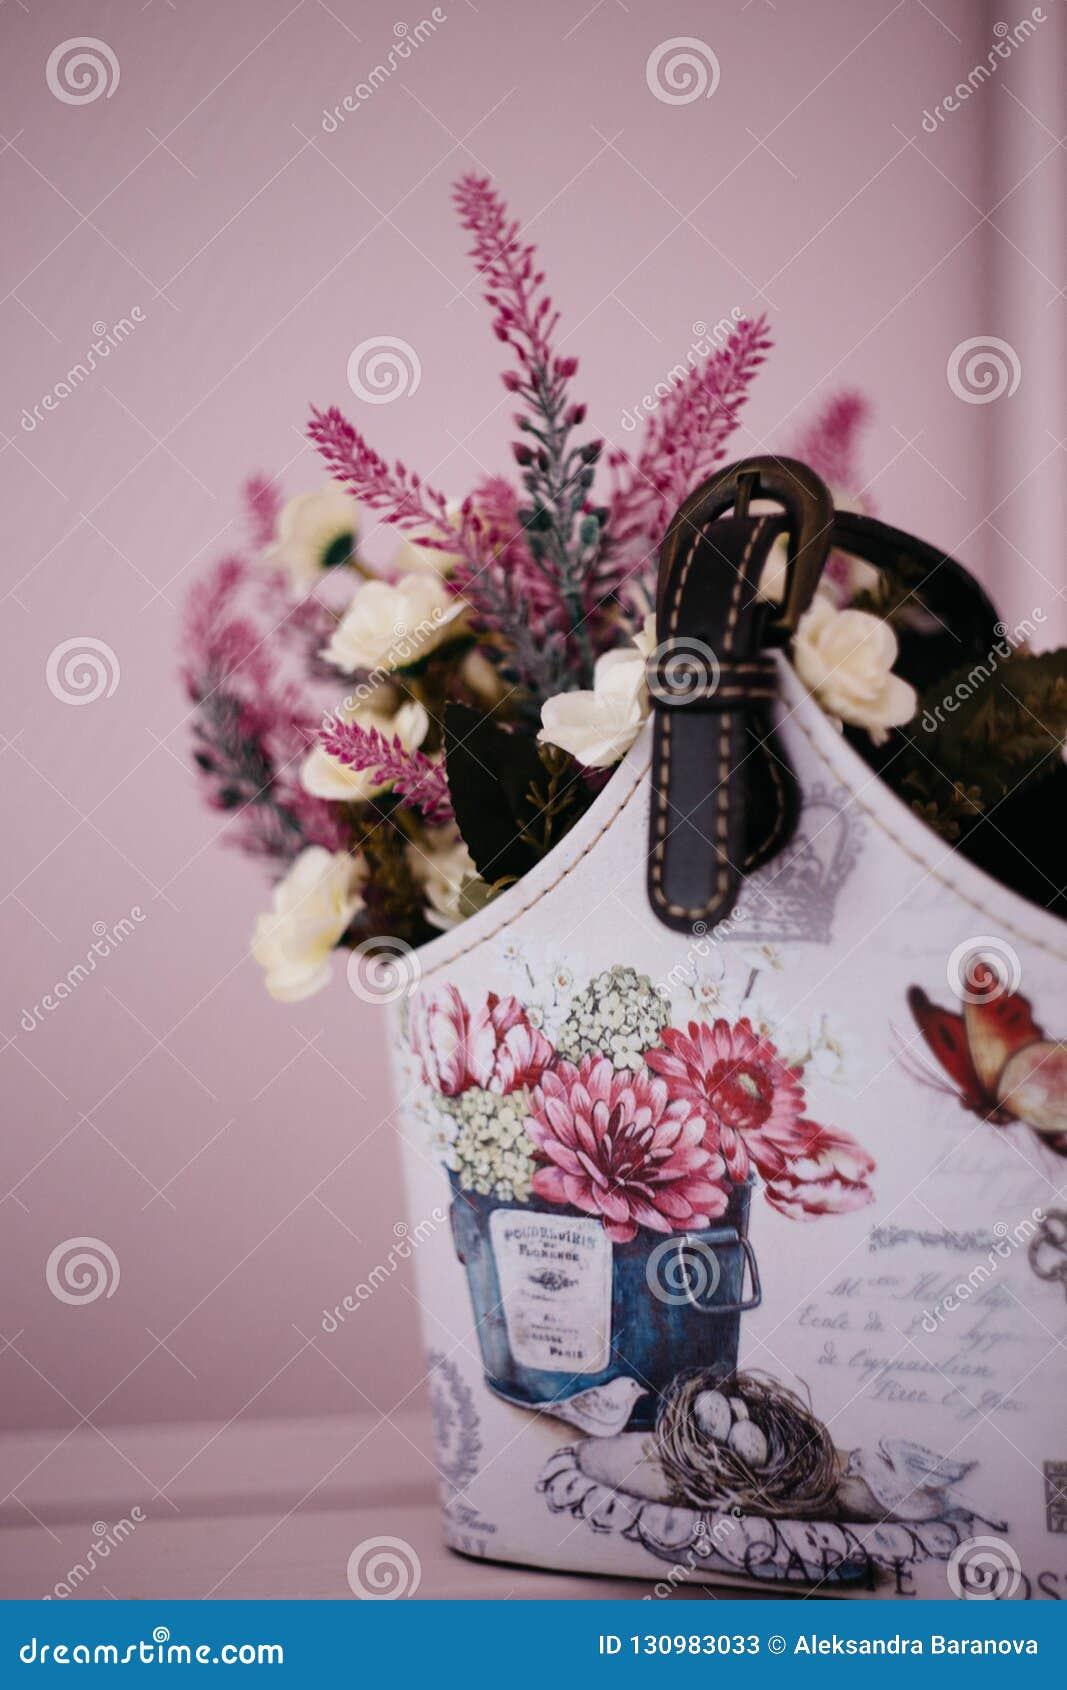 Moskwa, Rosja - 06 10 2018: lawenda kwitnie w domowej roboty koszu na różowym tle, domowy wystrój